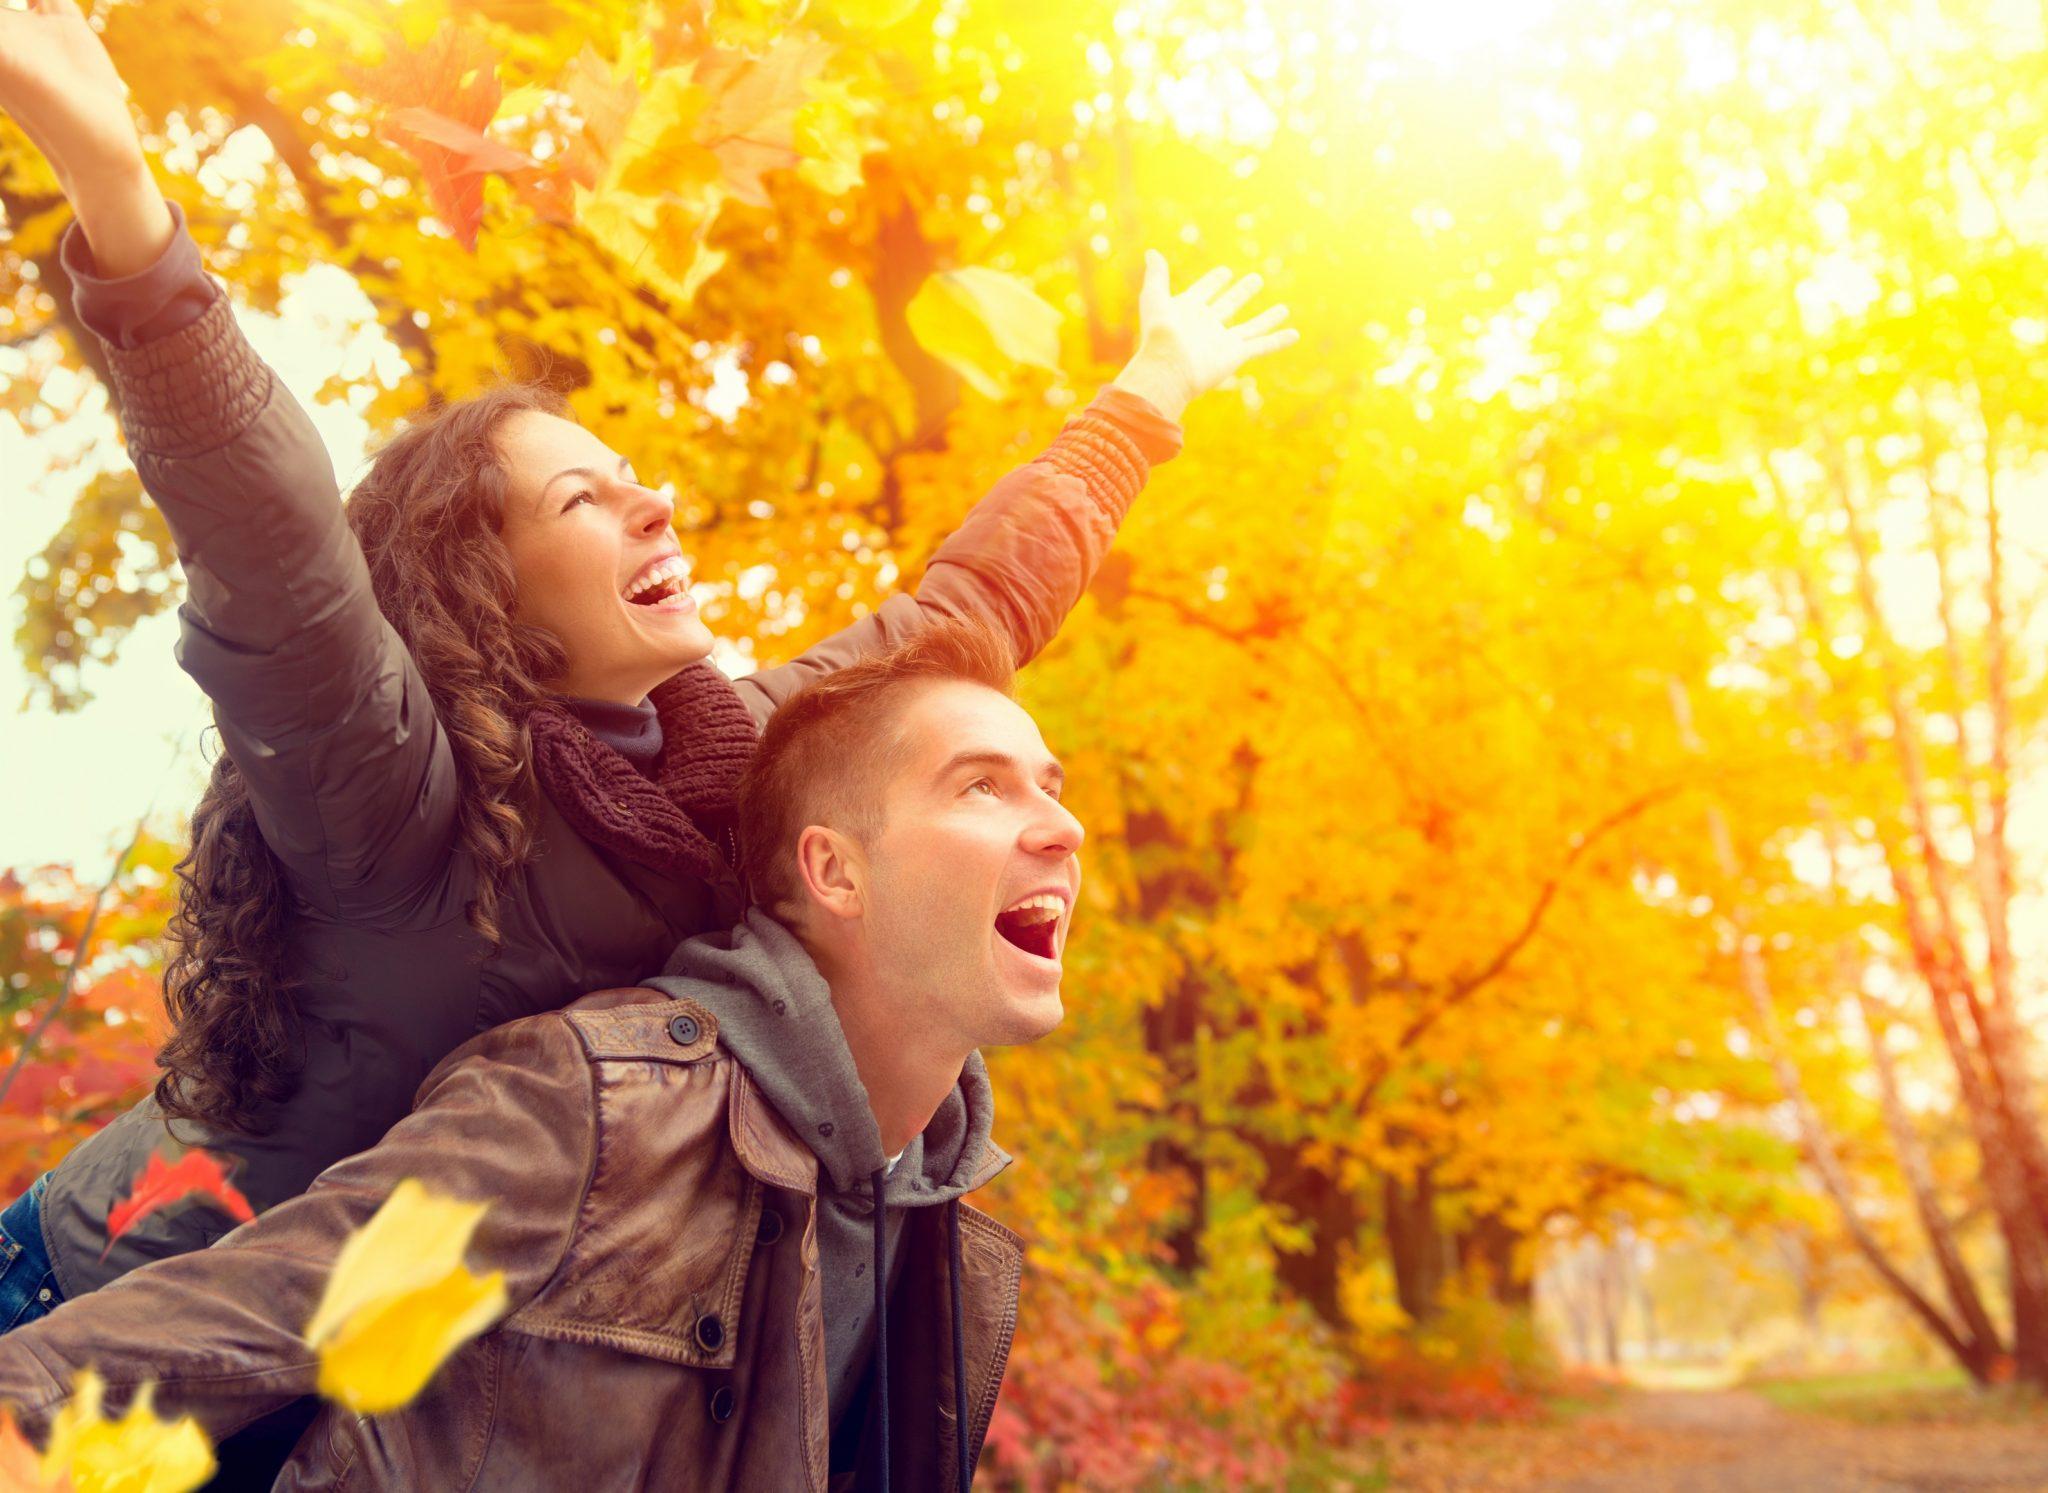 mulher feliz nas costas do homem amado